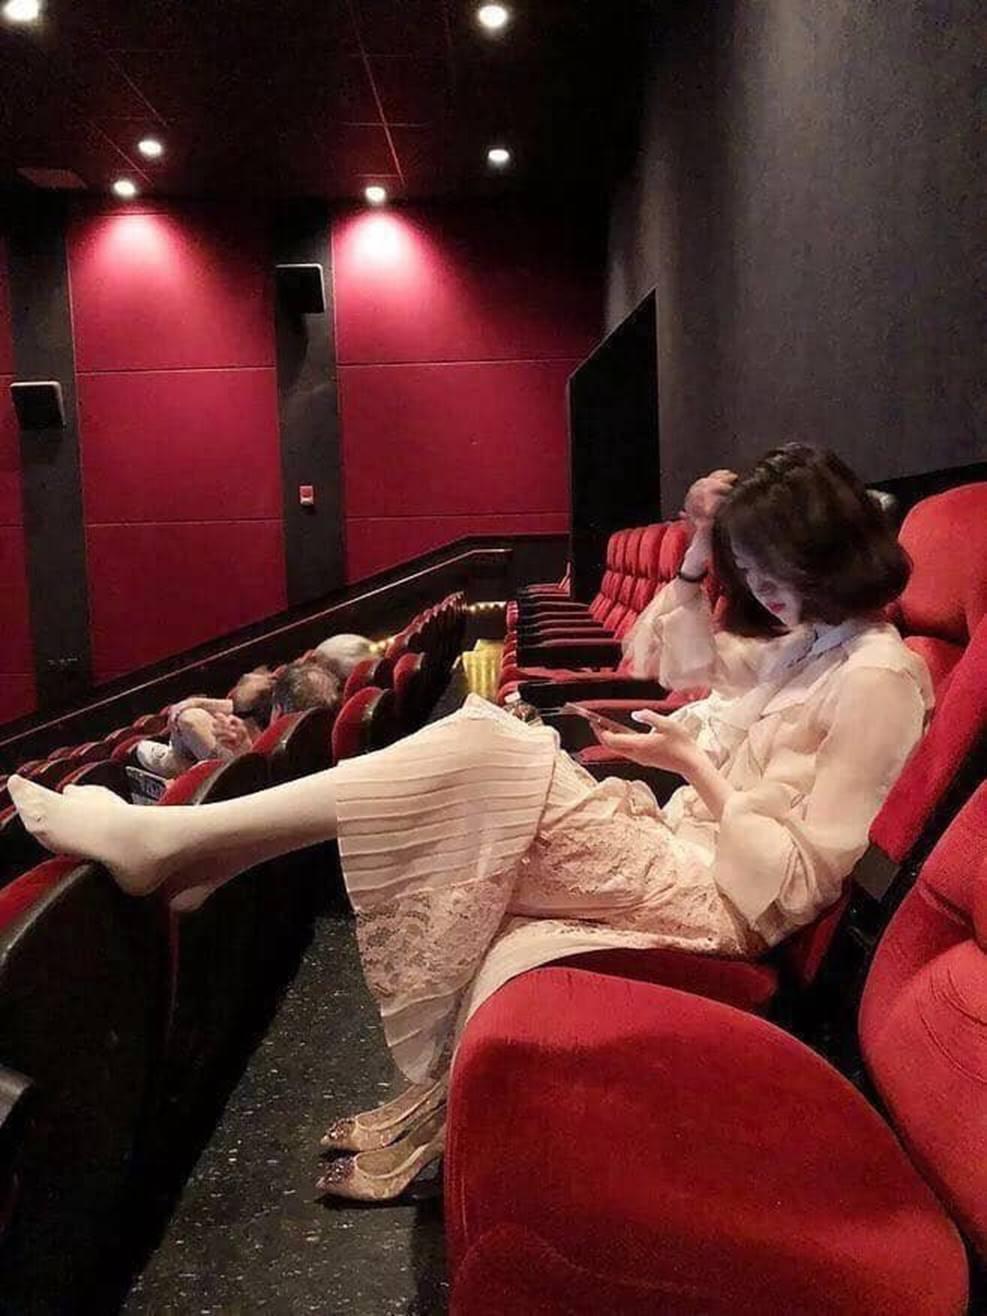 Gái xinh đi xem phim tháo cả giày gác chân lên ghế trước, dân mạng người ném đá kẻ bênh: Đẹp auto không có lỗi?-1